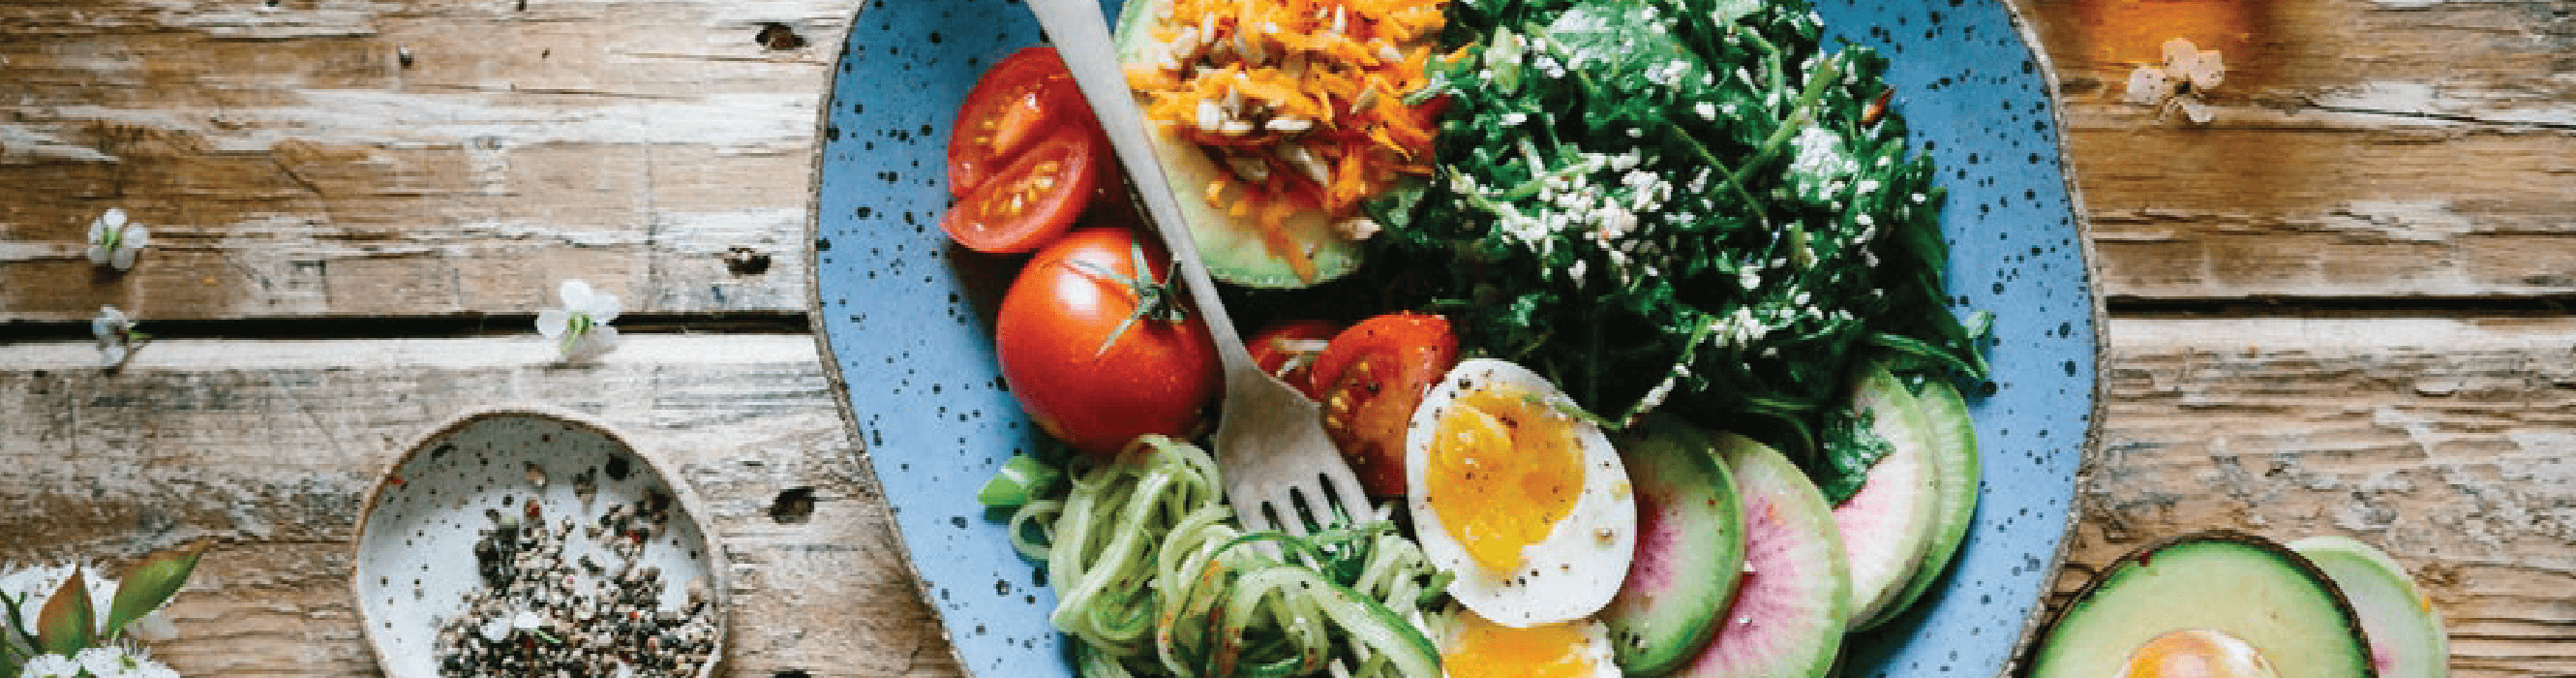 prato de salada com ovos, rúcula, acabate, cenoura, tomate em uma mesa de madeira com temperos em volta.